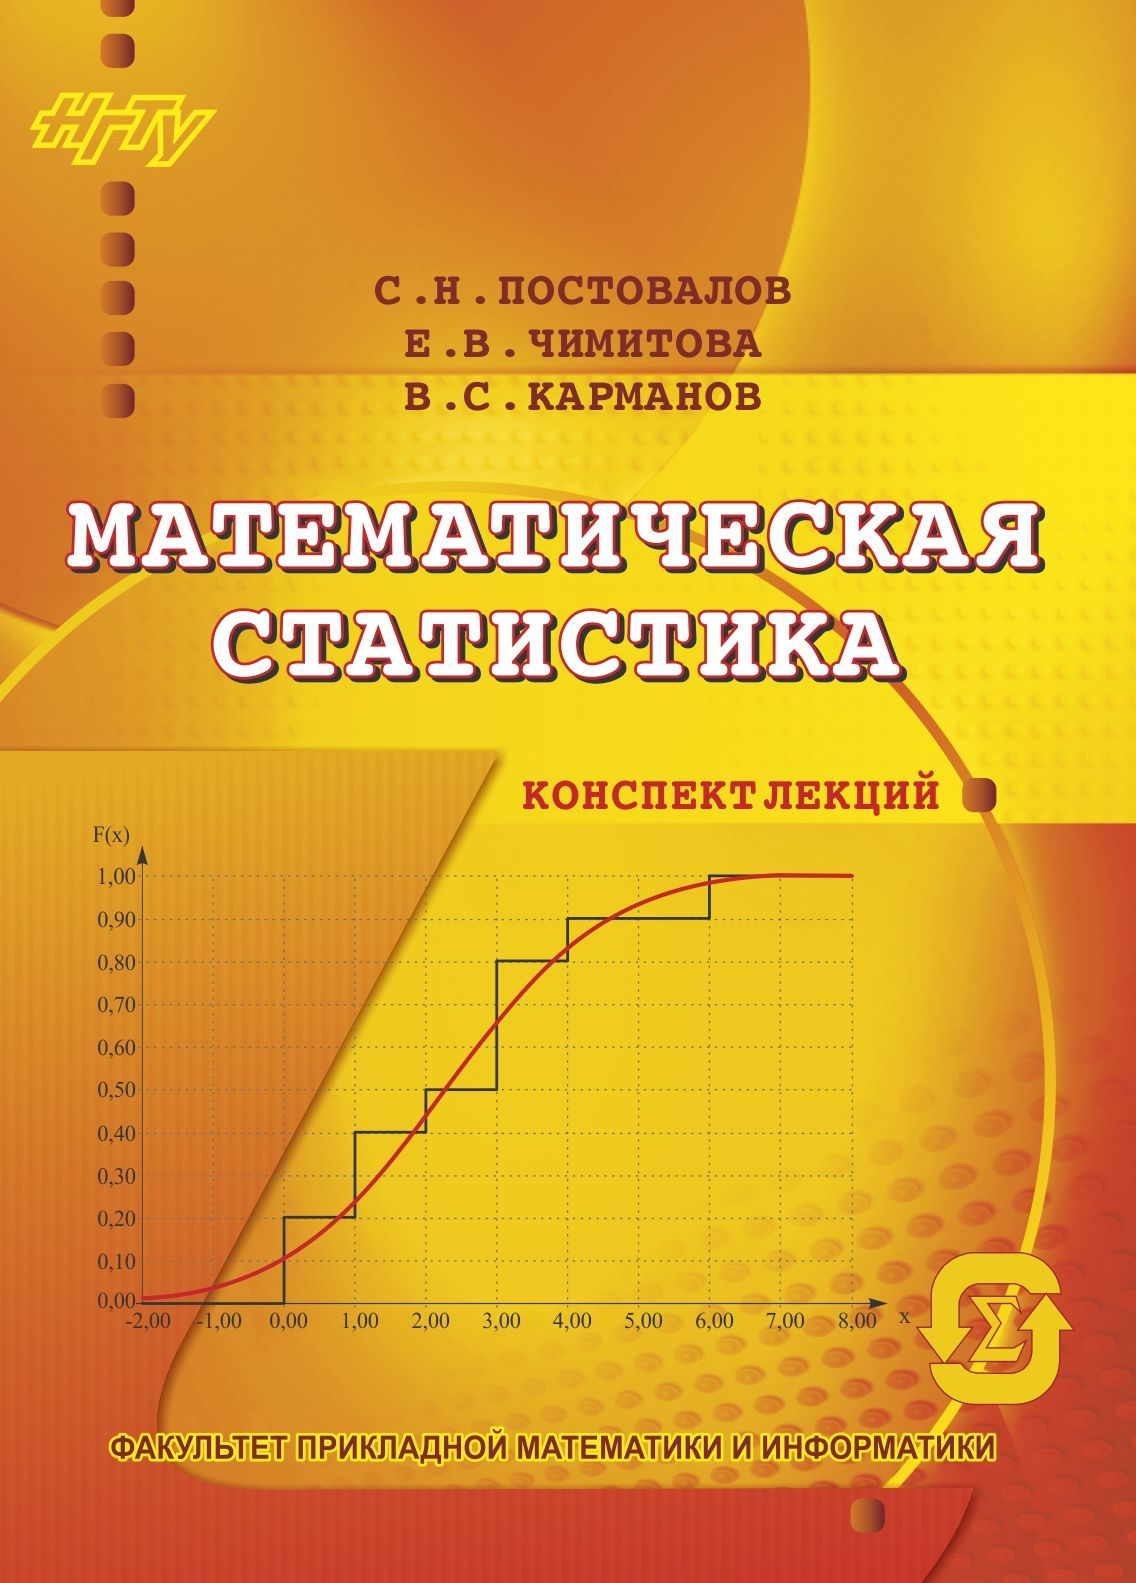 Виталий Карманов Математическая статистика. Конспект лекций самостоятельные и контрольные работы по курсу математика или по курсу математика и информатика 1 класс